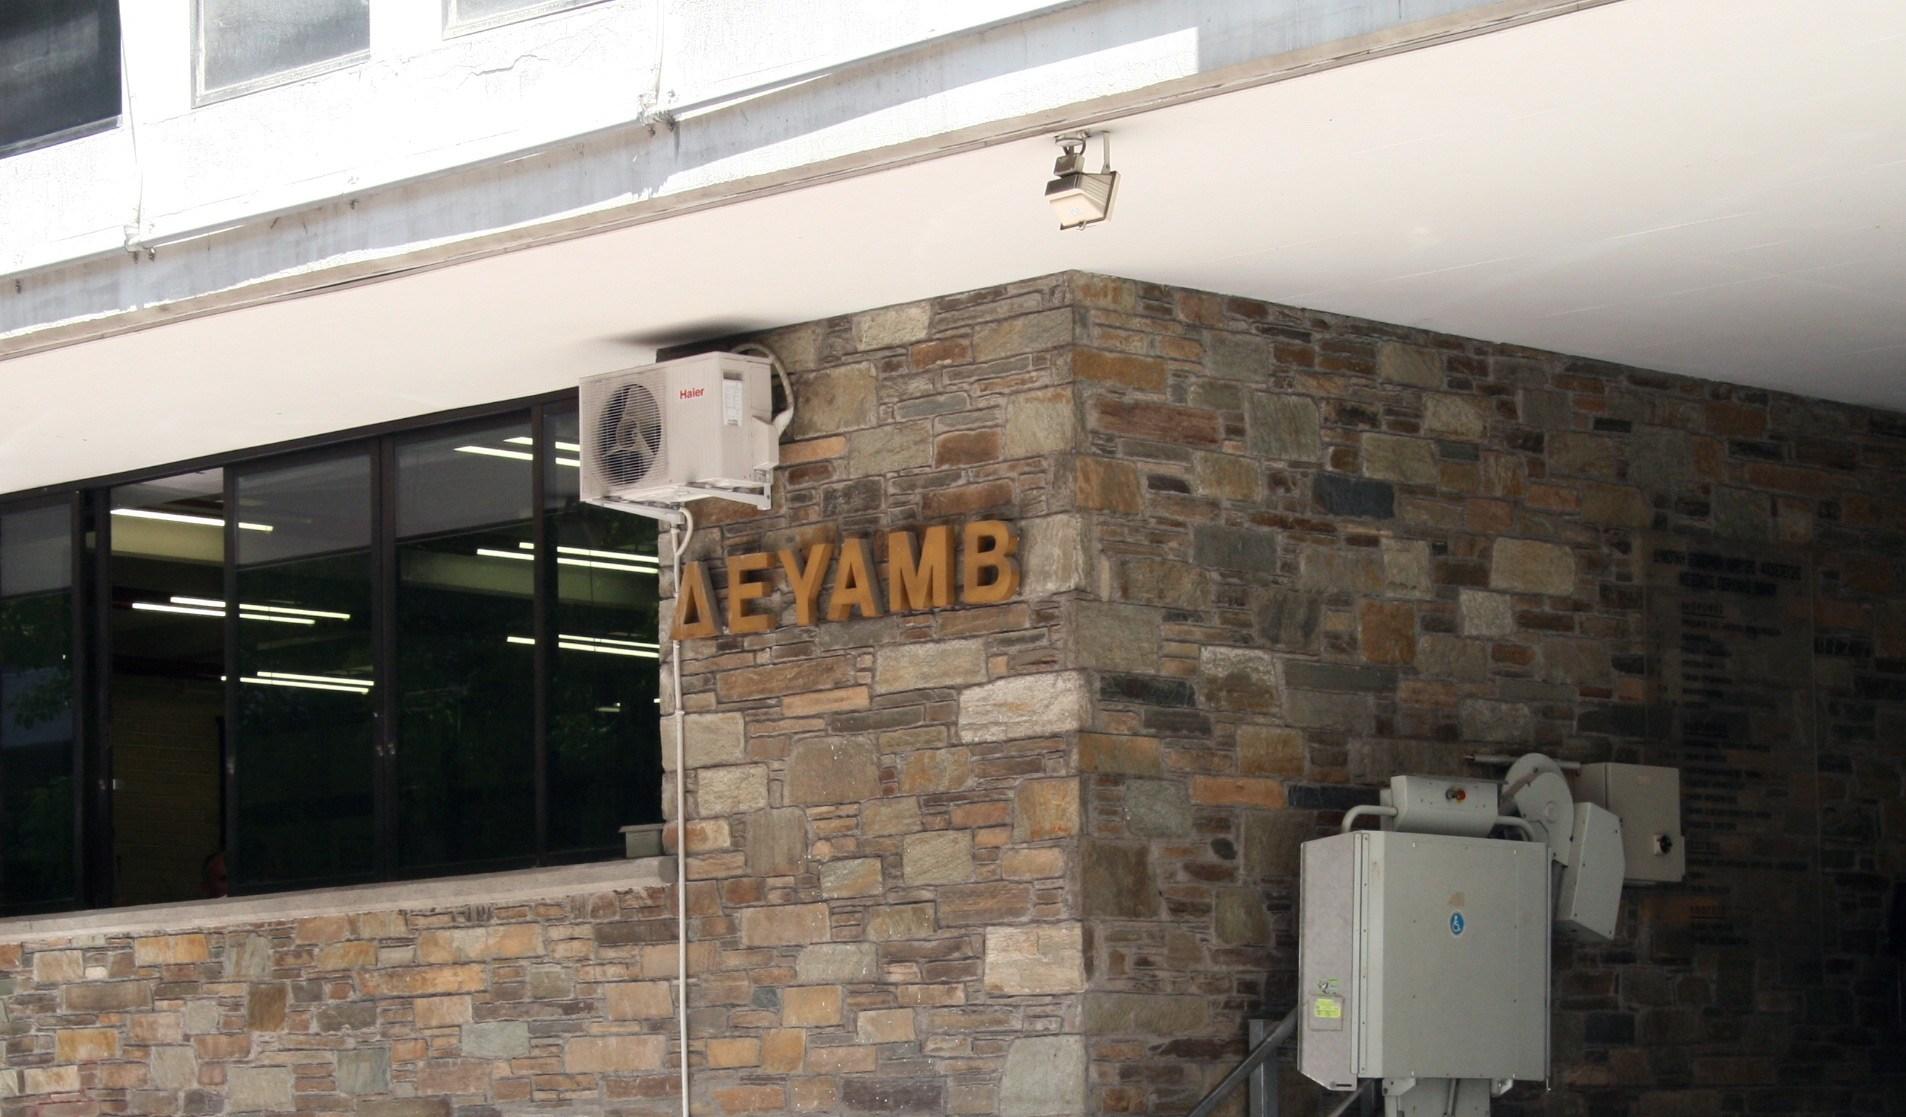 Απόφαση -σταθμός έκοψε τη φόρα της ΕΡΓΗΛ για τα ταμεία της ΔΕΥΑΜΒ